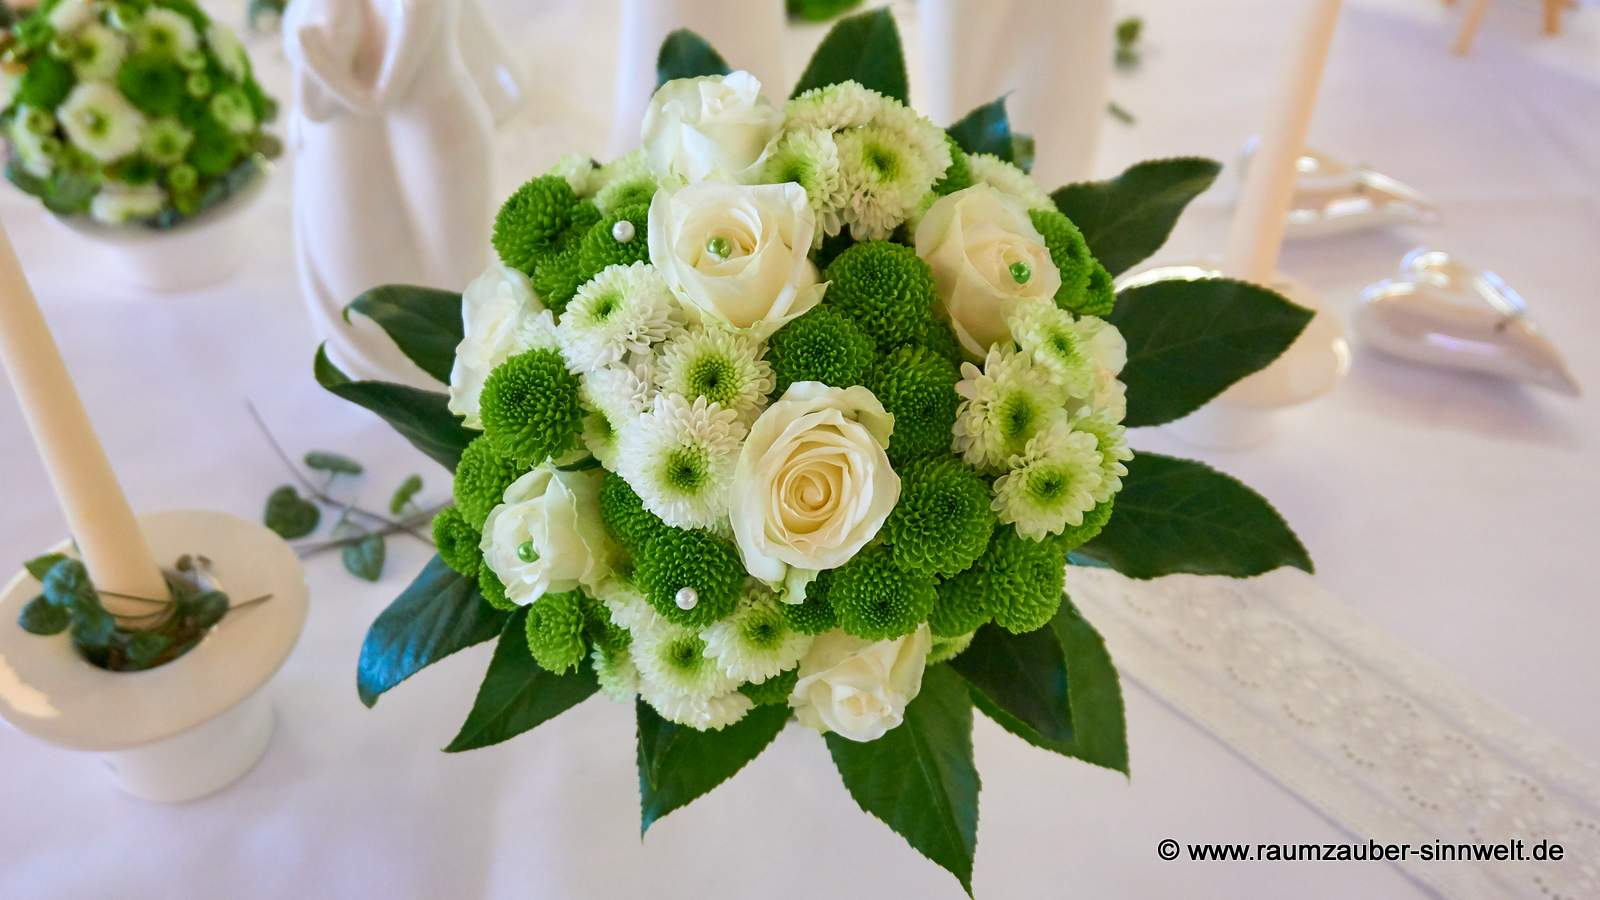 Brautstrauß mit weißen Rosen und Santini